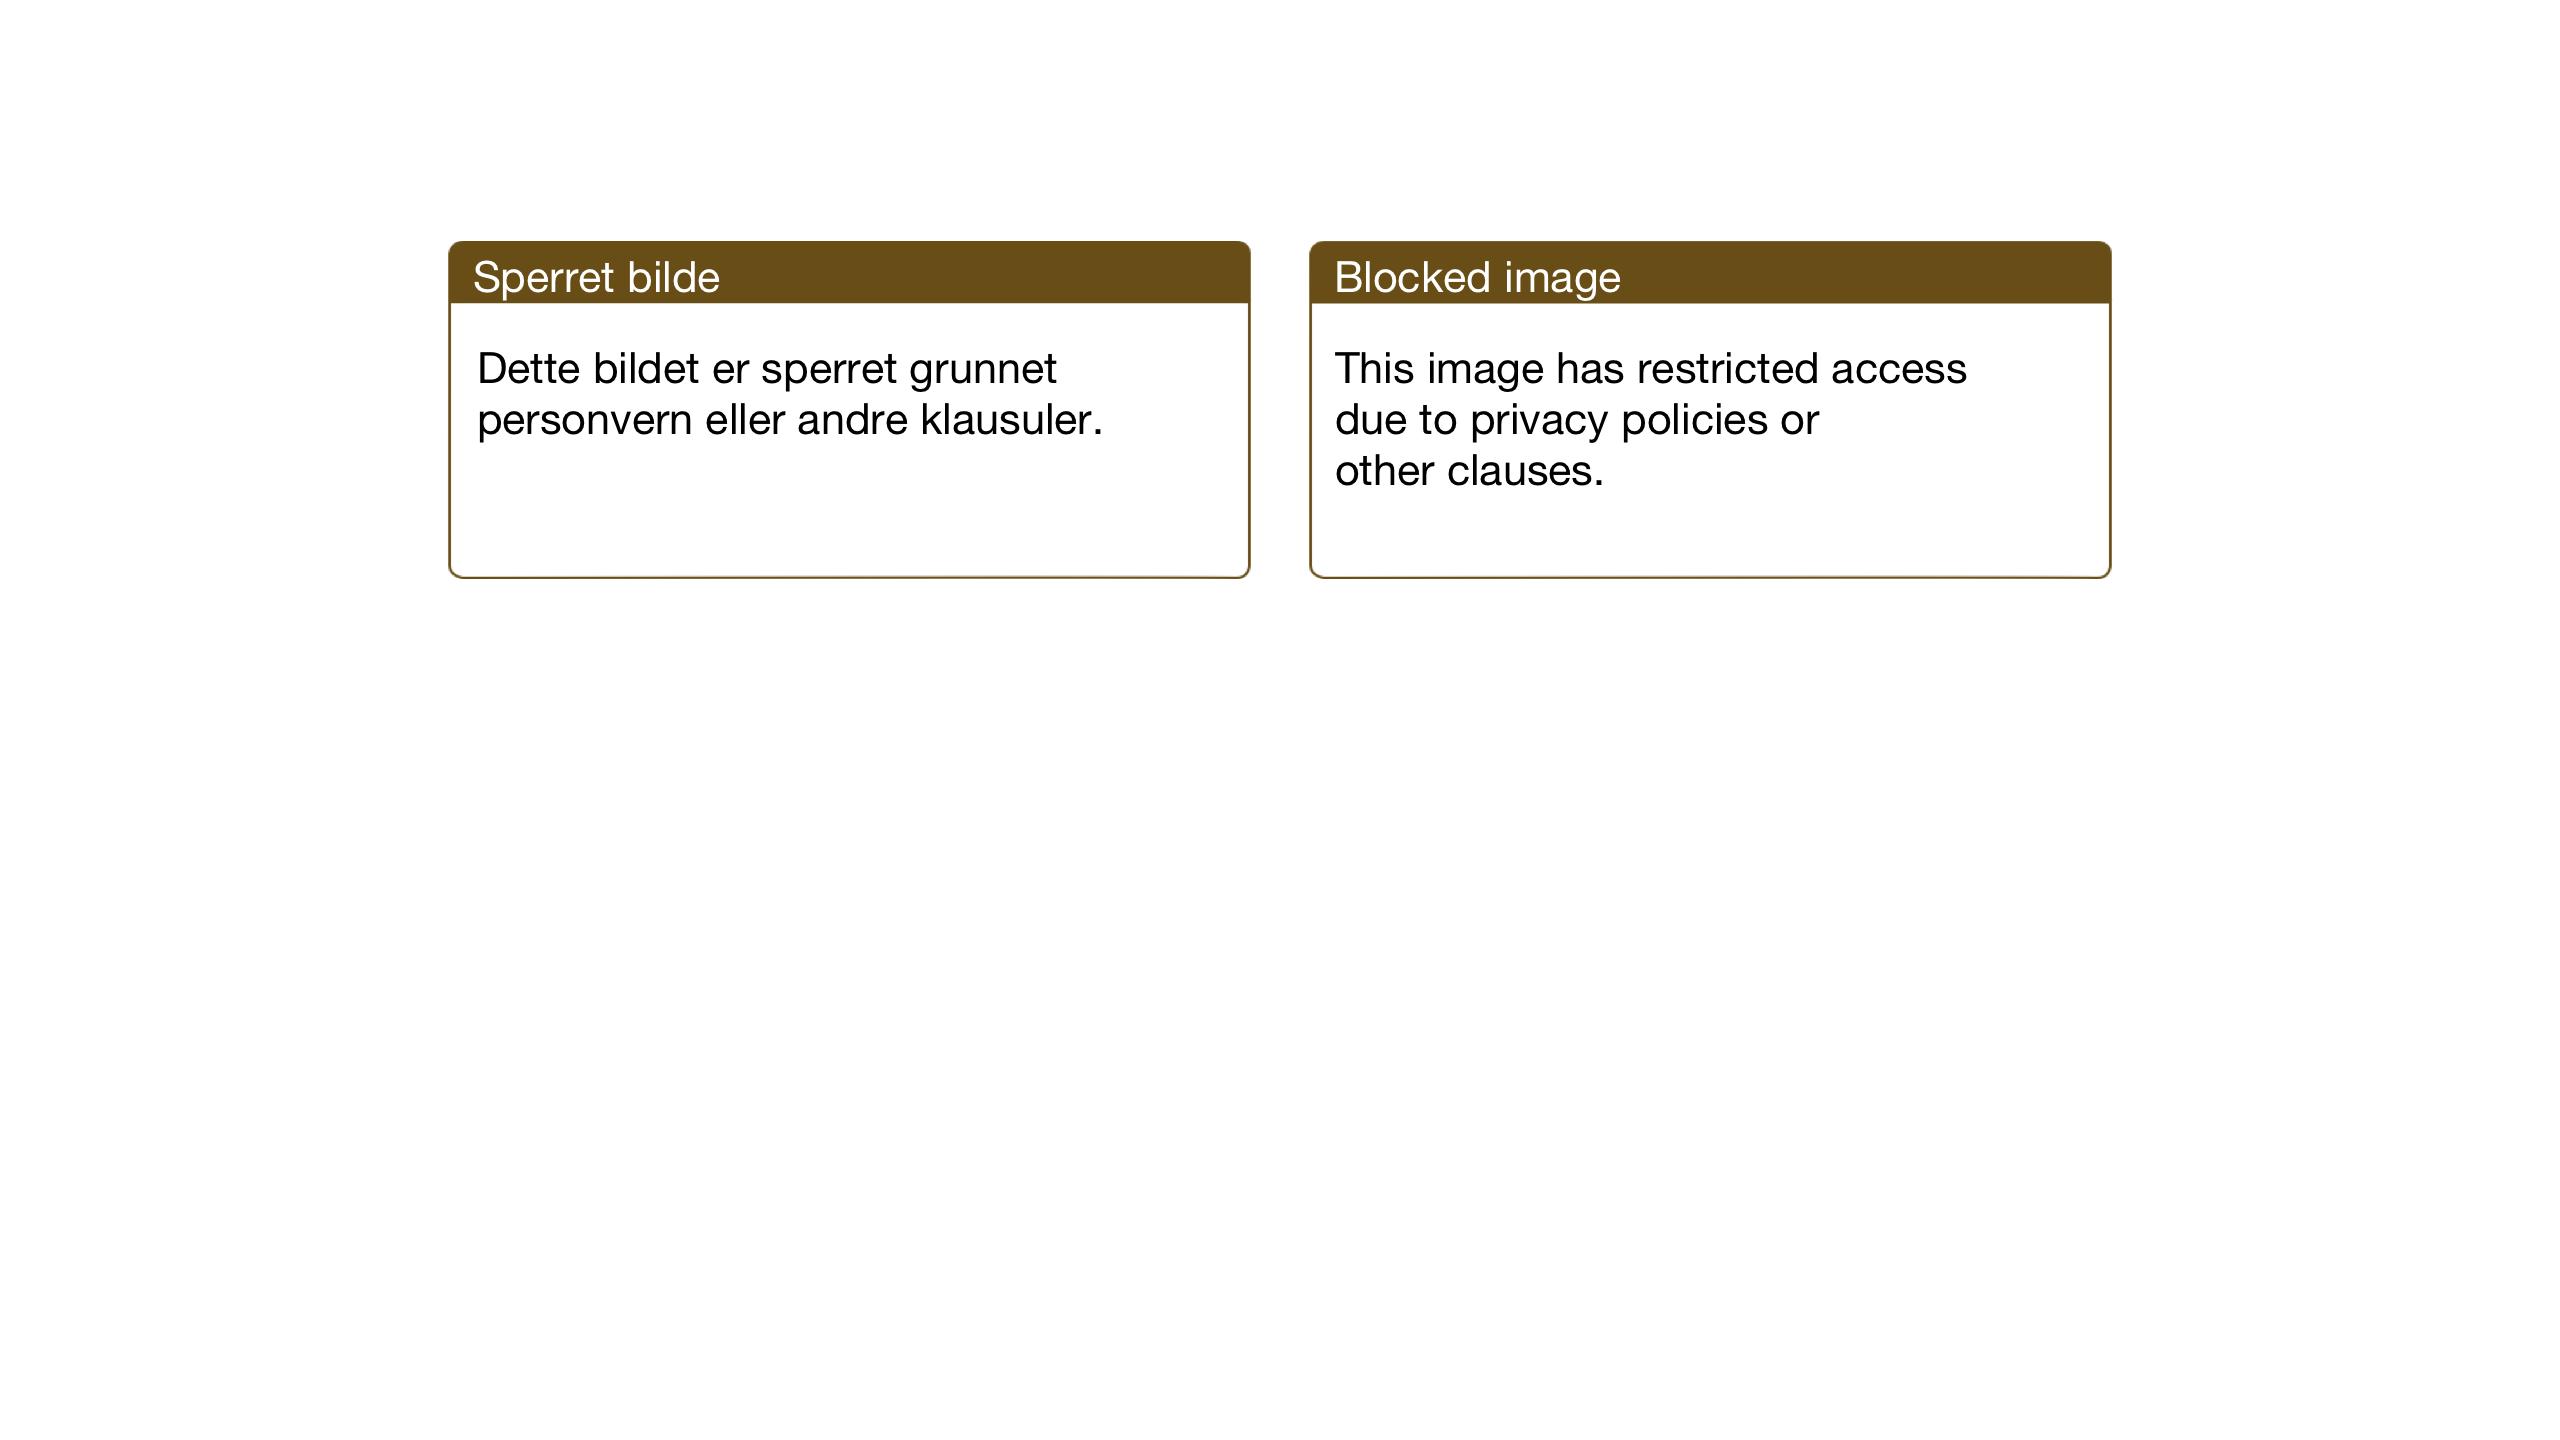 SAT, Ministerialprotokoller, klokkerbøker og fødselsregistre - Sør-Trøndelag, 698/L1169: Klokkerbok nr. 698C06, 1930-1949, s. 36